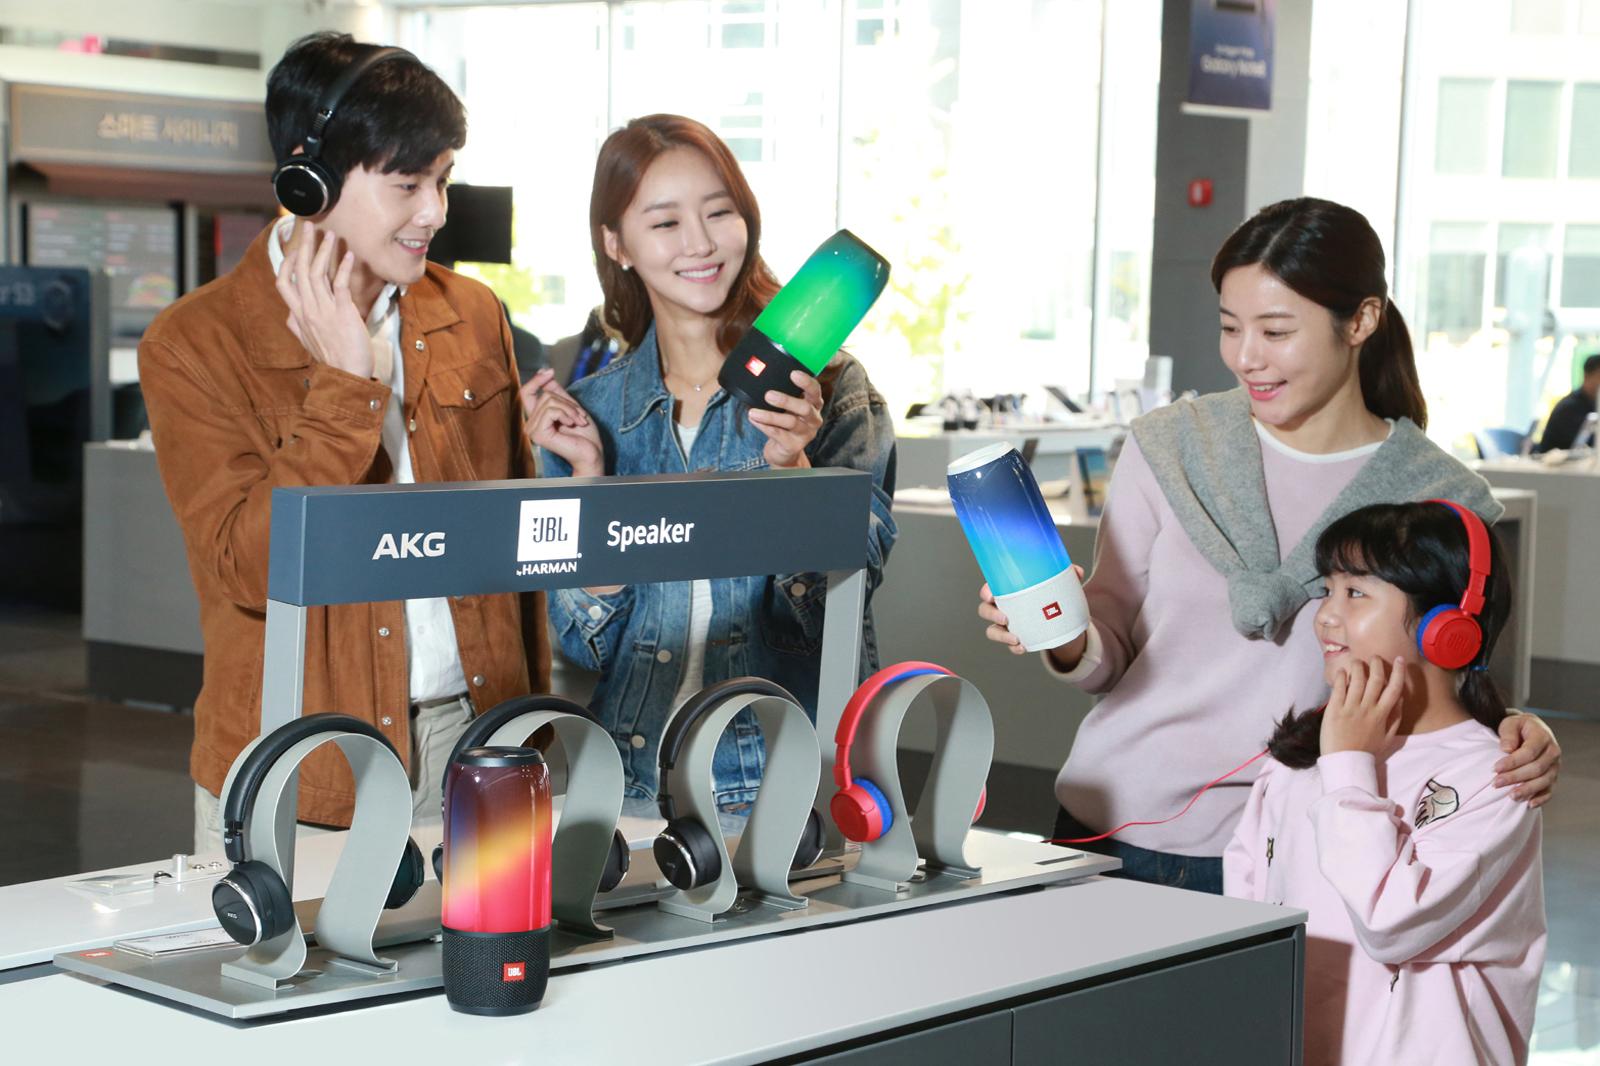 삼성전자 모델들이 서울 강남대로에 위치한 삼성디지털프라자 강남본점에서 JBL과 AKG의 음향기기 신제품을 체험하고 있다. 신제품은 JBL의 휴대용 블루투스 스피커 '펄스3 (PULSE3)'와 어린이 전용 헤드폰 'JR300', AKG의 노이즈 캔슬링 (Noise Canceling) 헤드폰'N60NC wireless' 3개 제품이다. 가격은 JBL'펄스3' 29만 9천원, JBL'JR300'4만 9천원, AKG'N60NC wireless' 39만 9천원이며, 전국 삼성 디지털프라자 매장과 하이마트, 일렉트로마트 등 국내 전자 제품 대표 매장에서 구매할 수 있다.